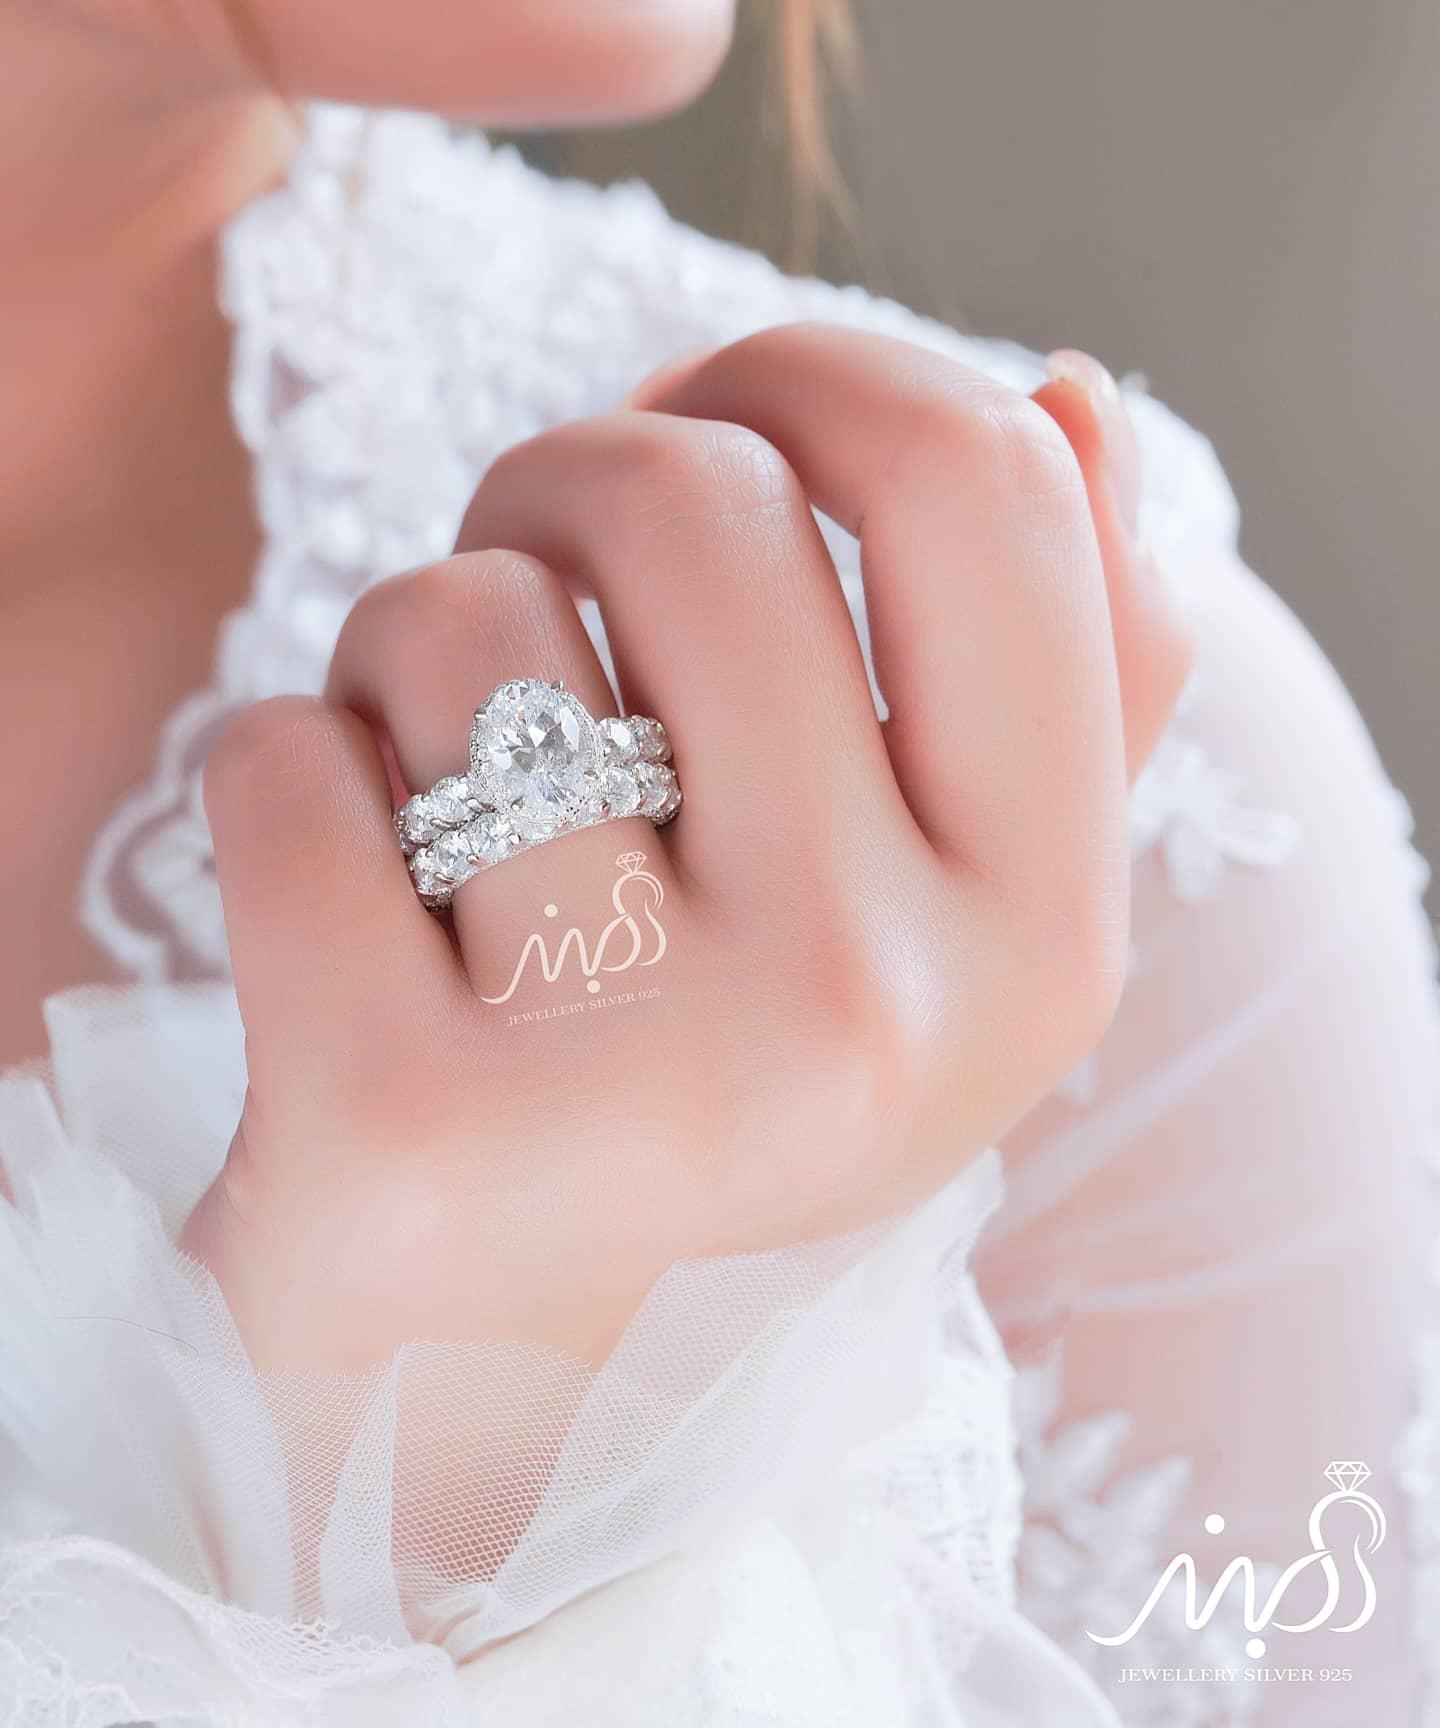 💍حلقه و پشت حلقه جواهری دورنگین آمریکایی ، نگین oval ( بیضی ) ؛ با طراحی خاص و زیبا نقره عیار ۹۲۵ با روکش طلا سفید 